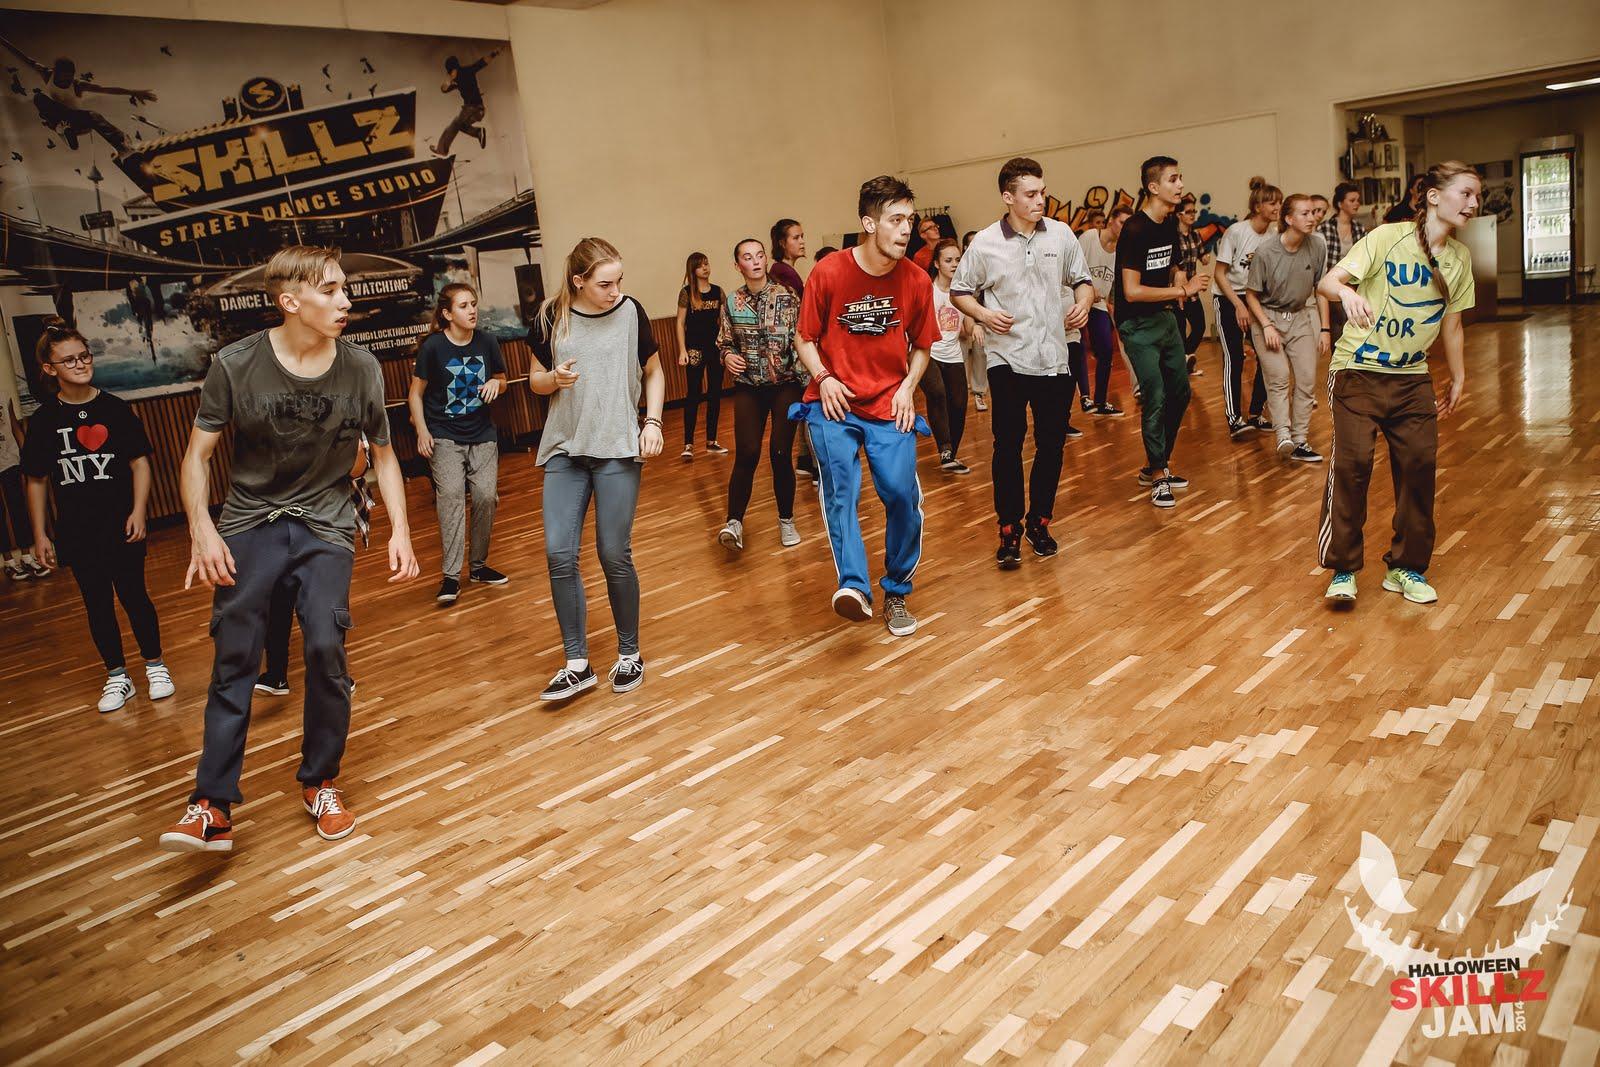 Šokių seminarai su Bouboo, Kaczorex, Tanya, Marek - a_MG_6442.jpg